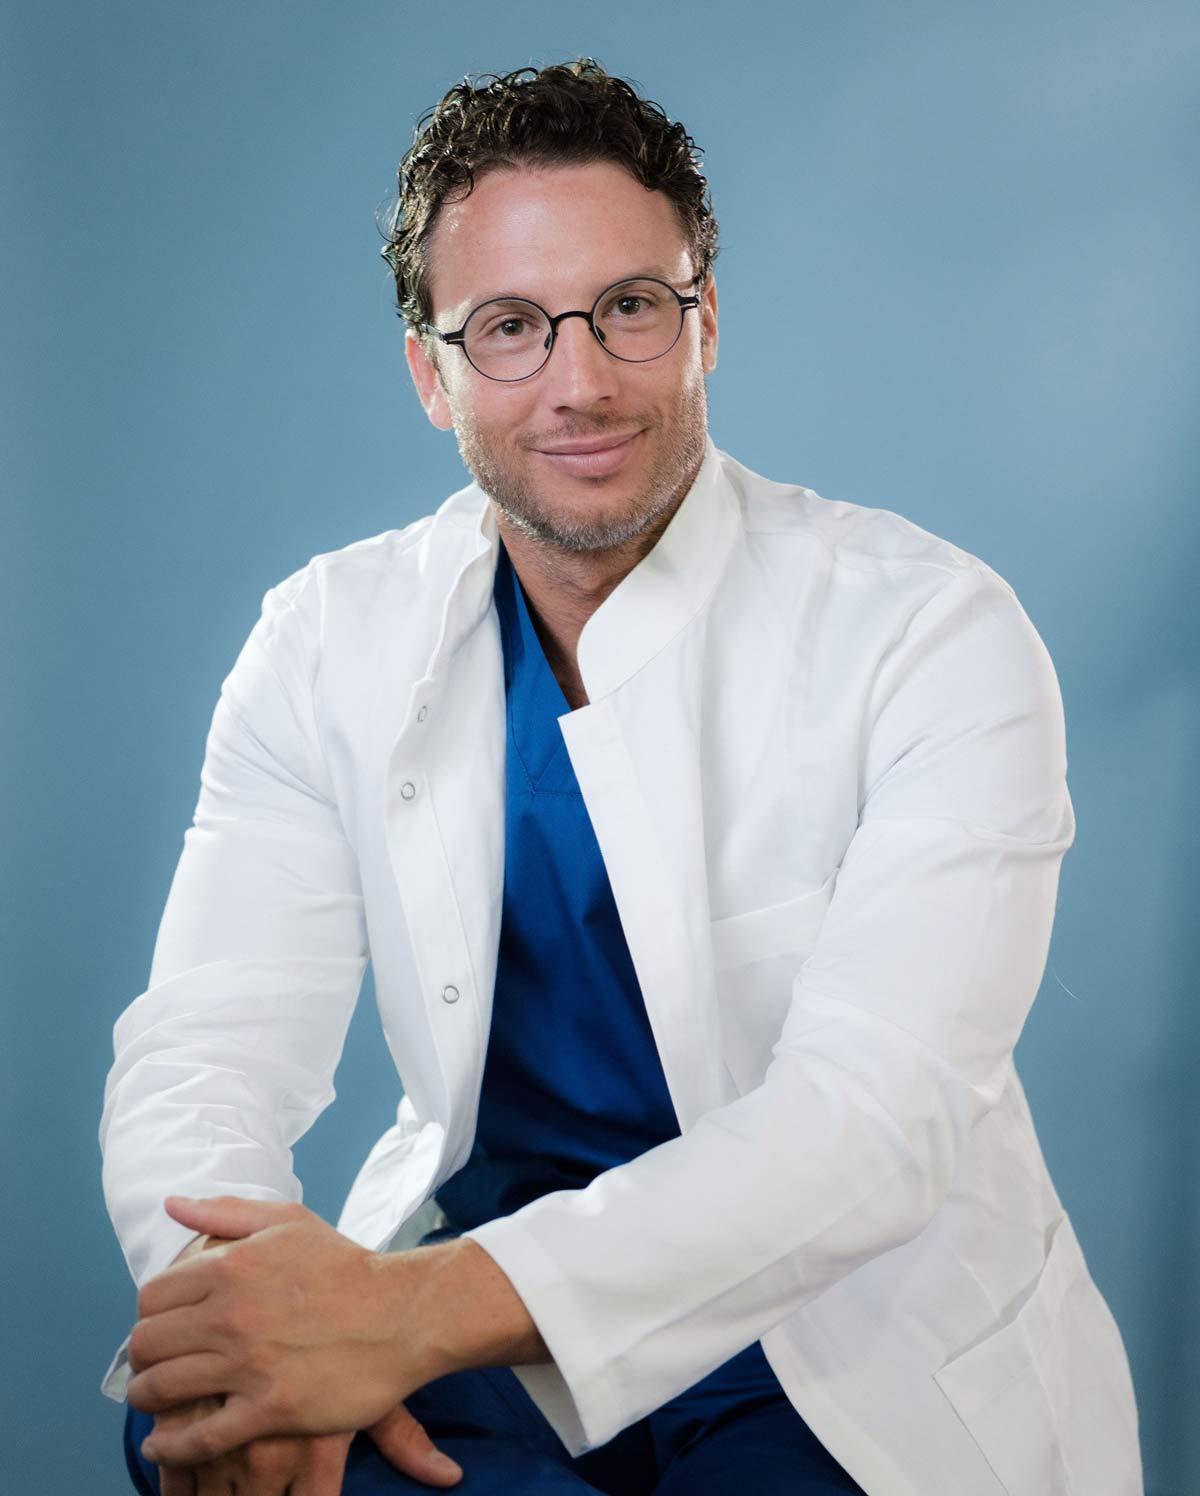 Dentalni centar DentIN, Zagreb: dr. Stipica Balić, voditelj Dentalnog centra DentIN i glavni implantolog centra.